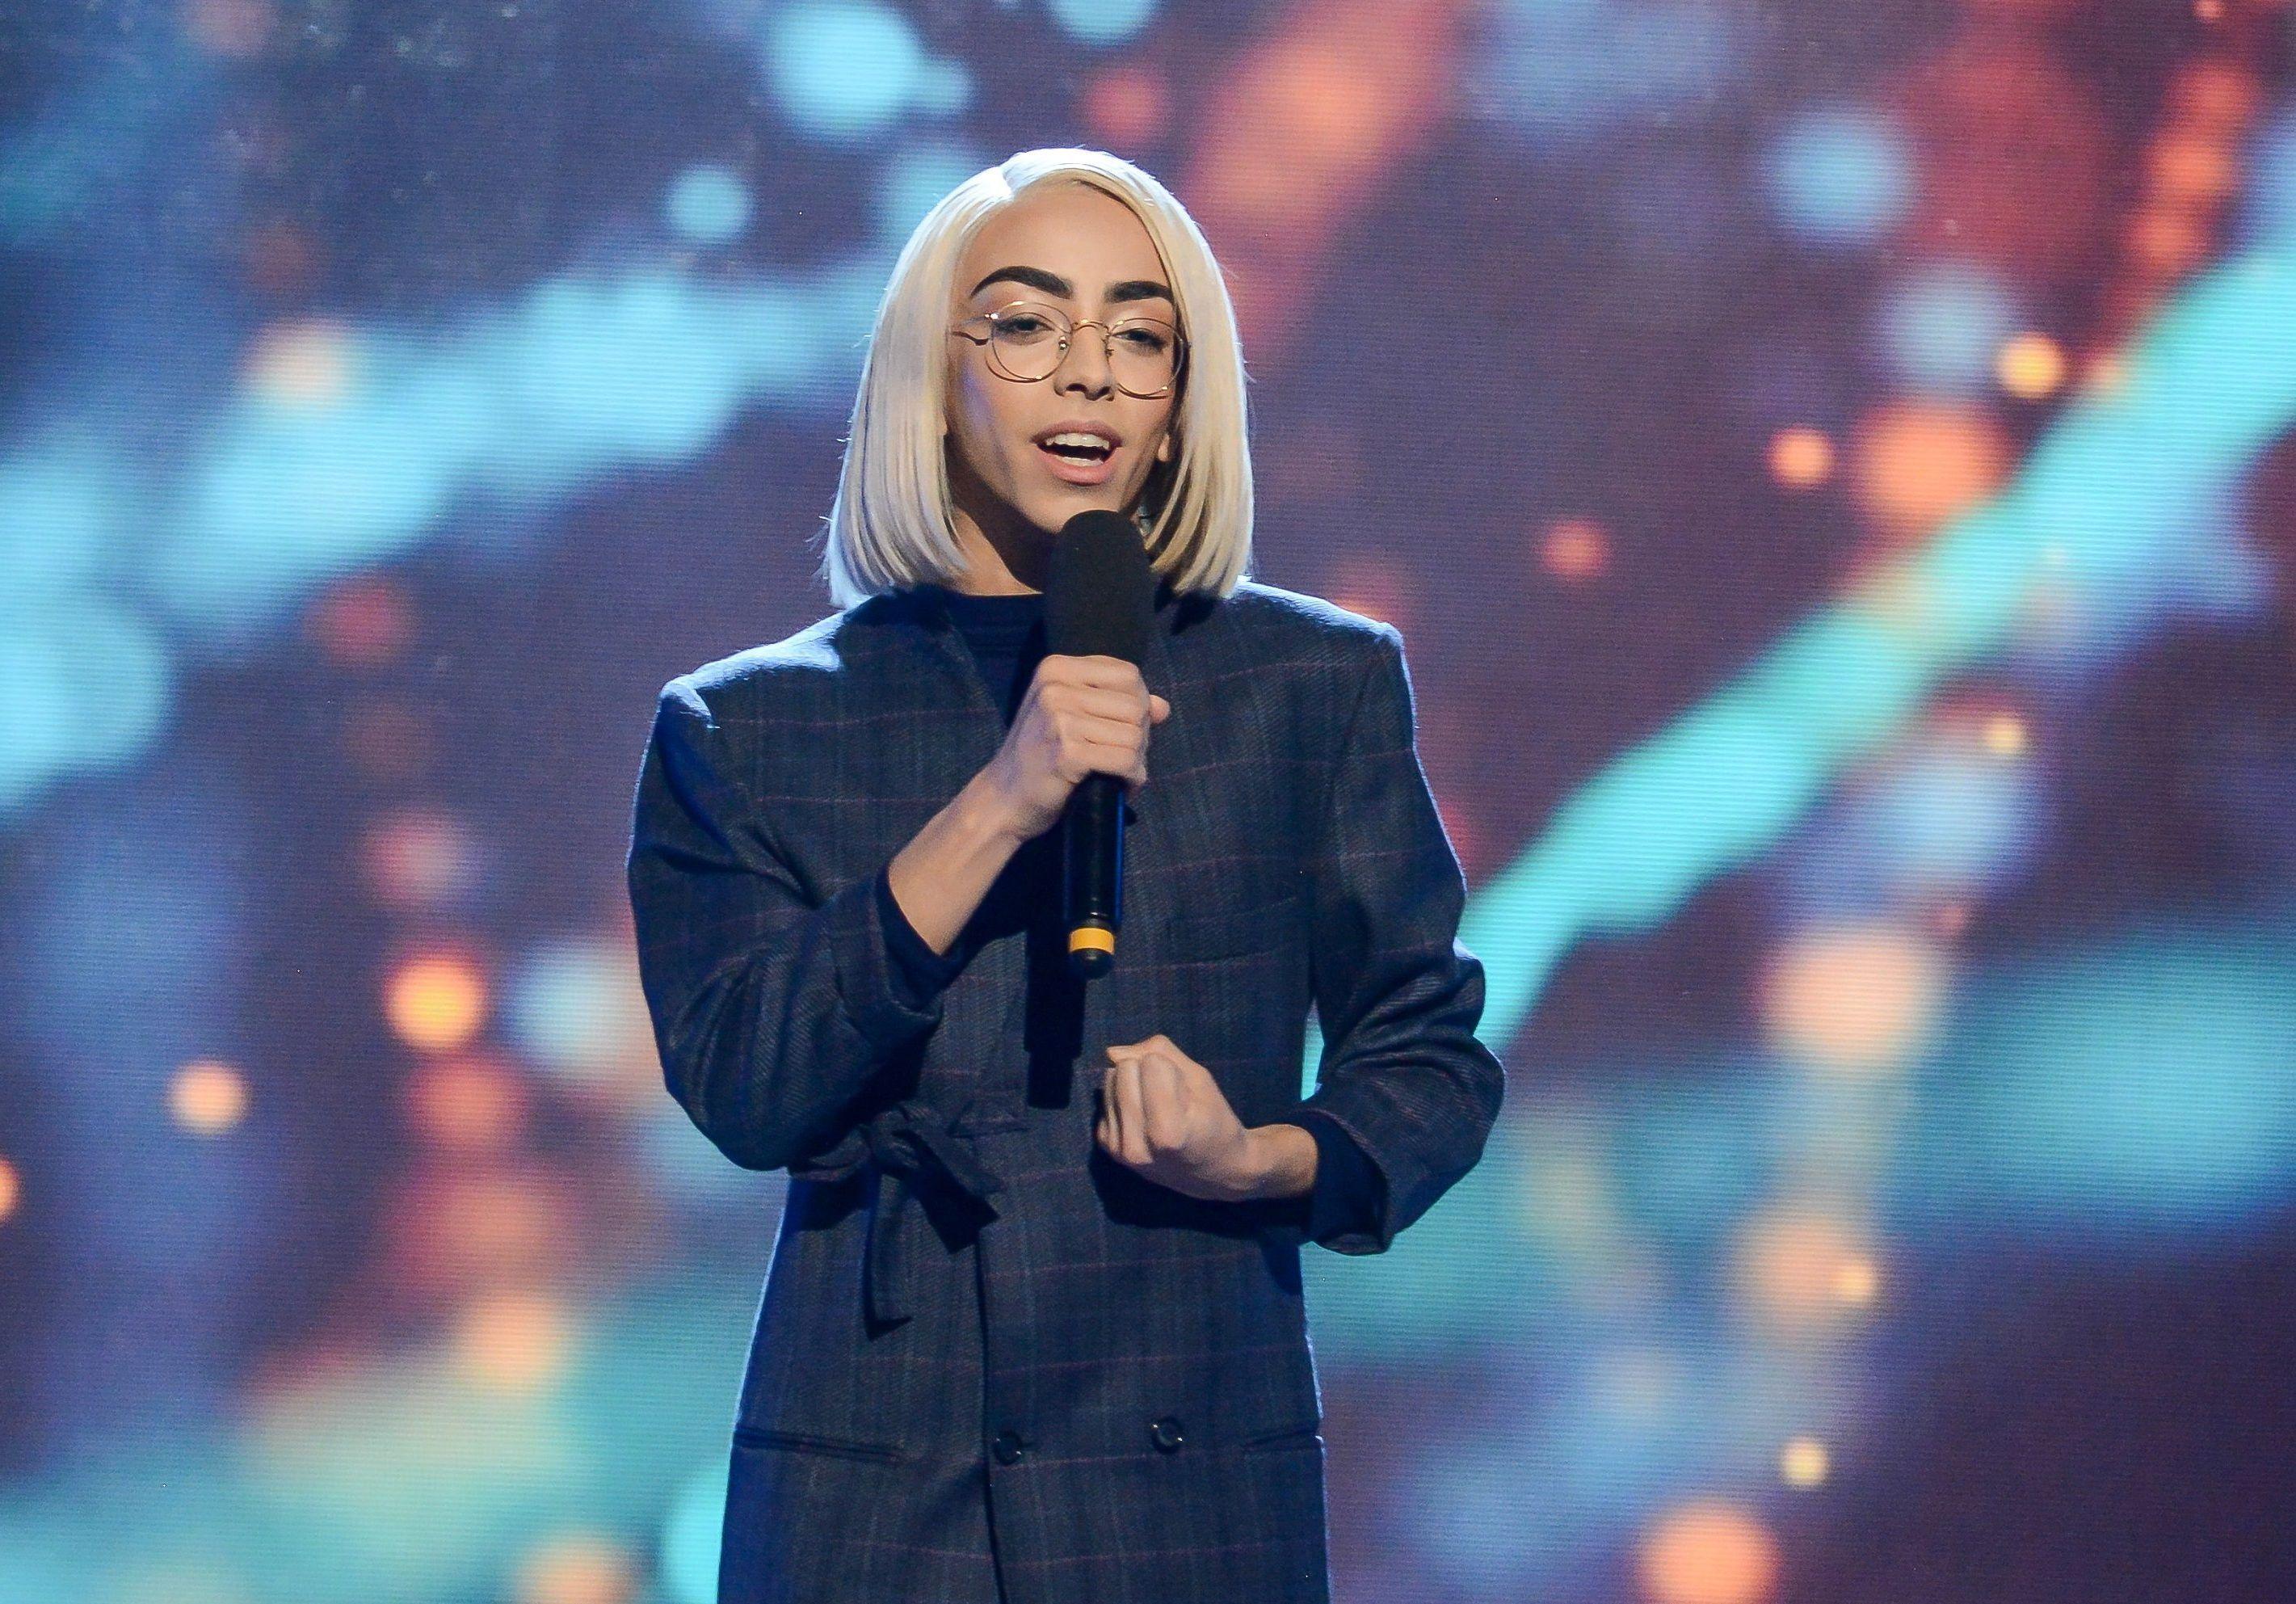 eurovision 2019 - photo #45